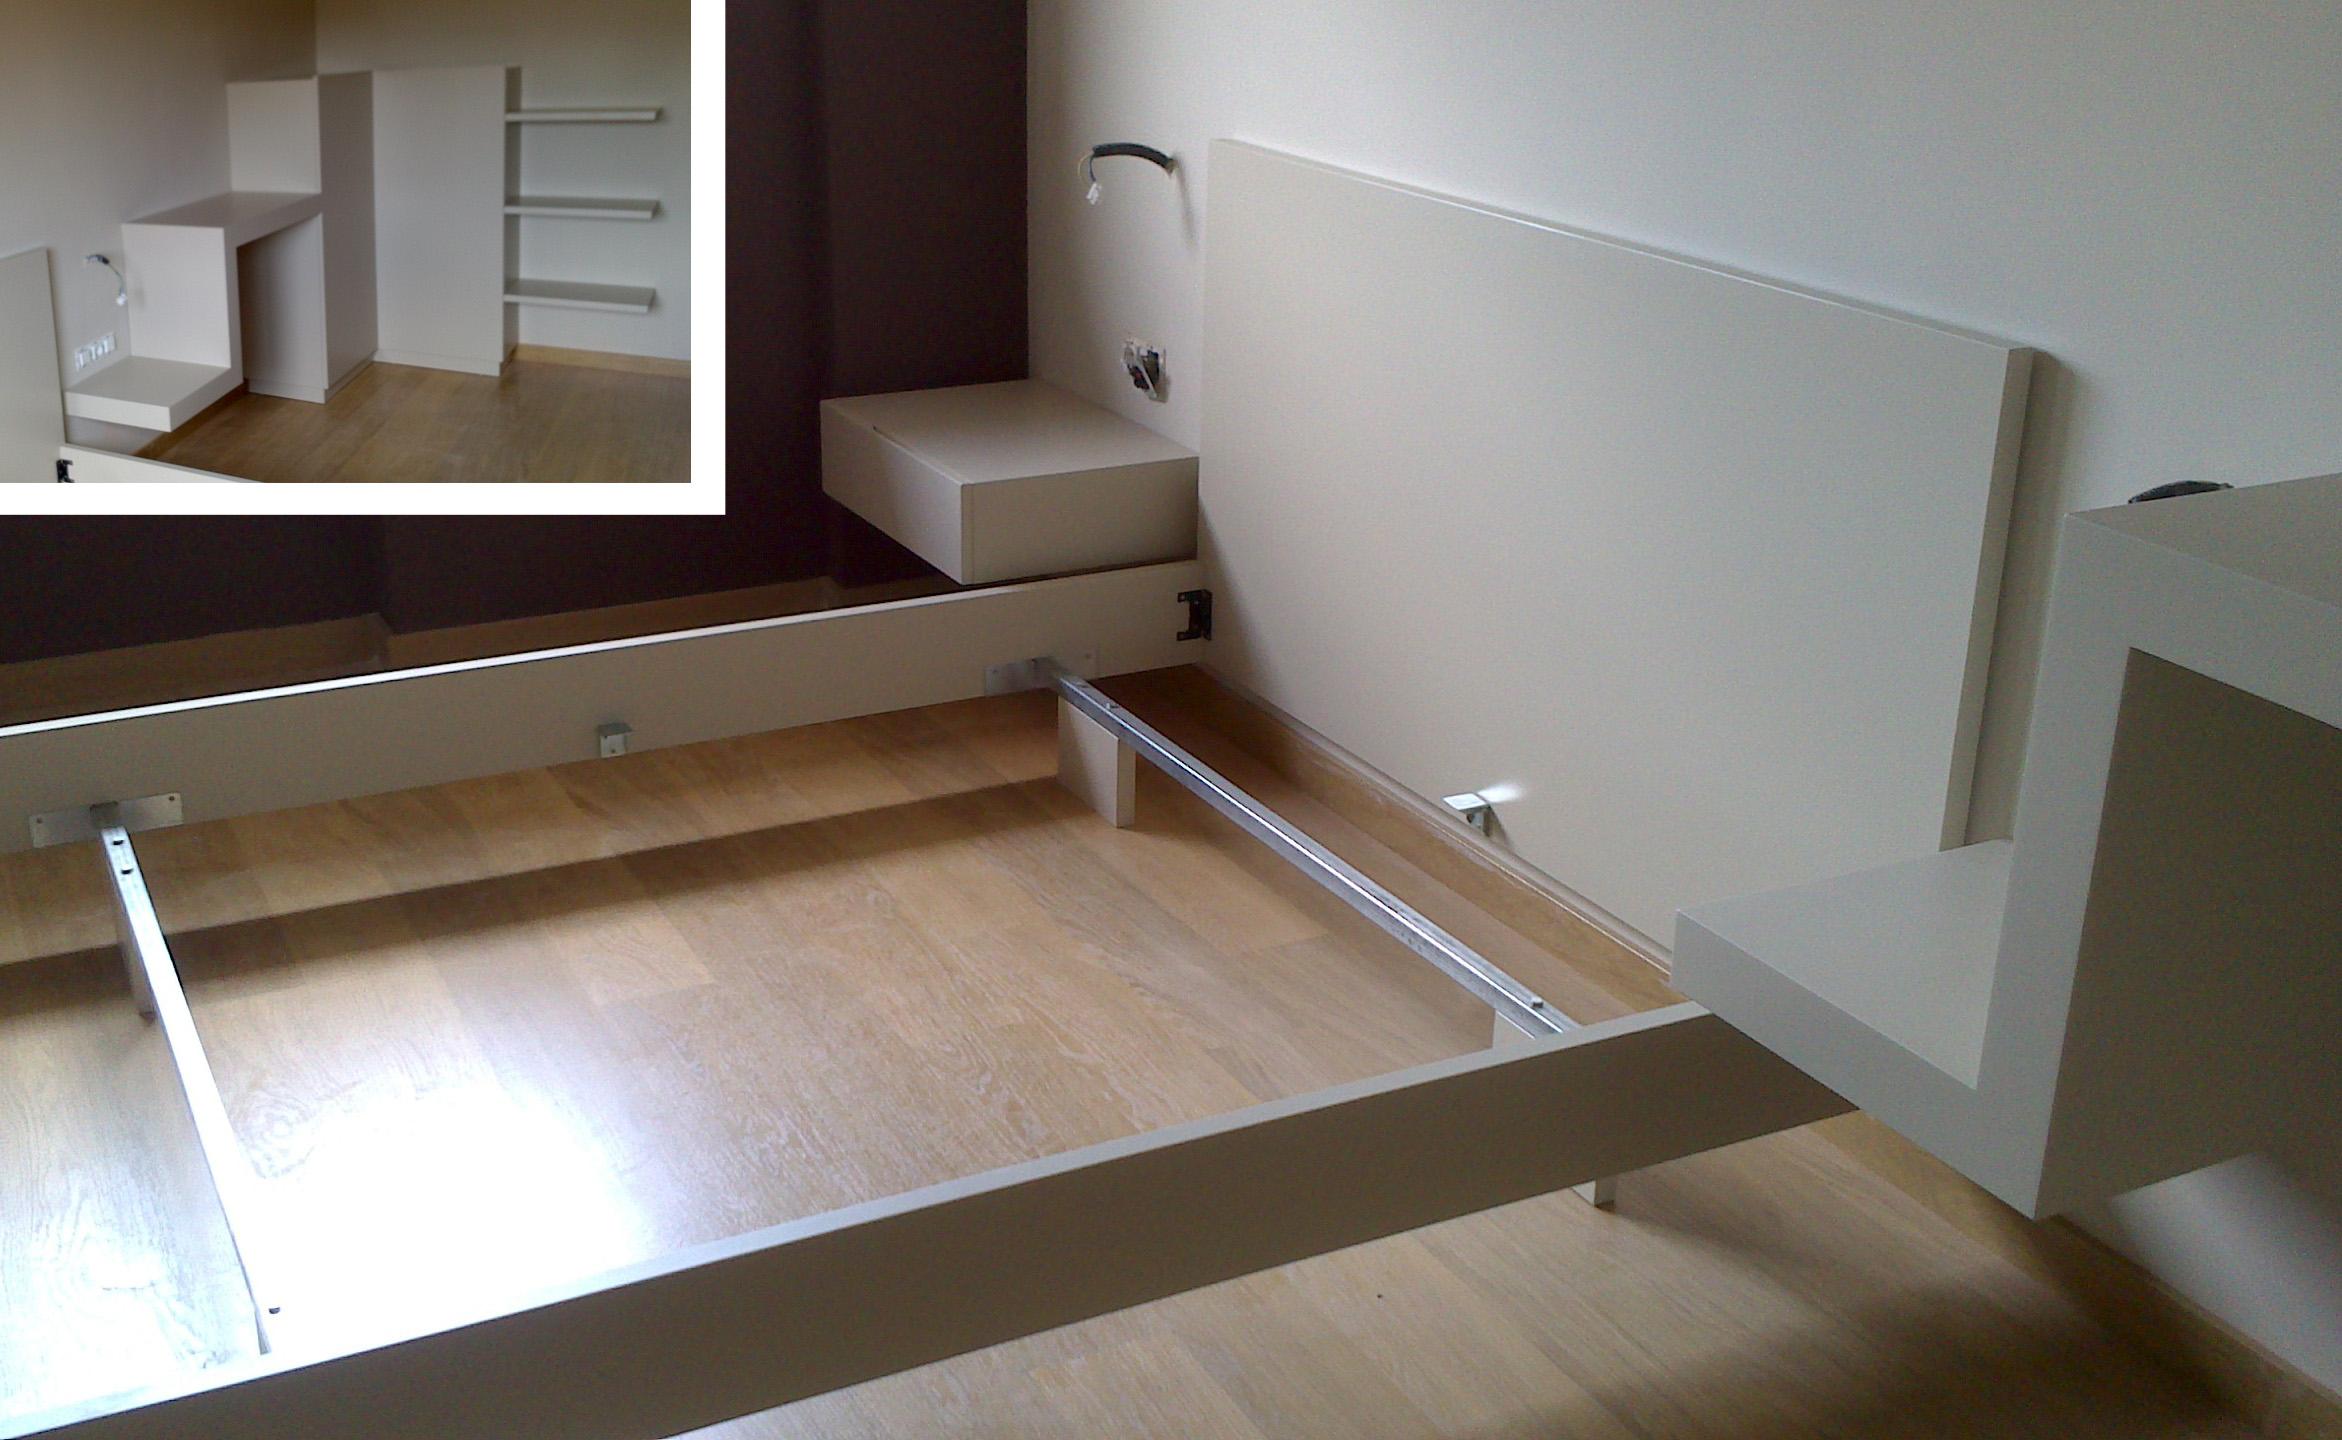 Dormitorio de matrimonio con color seg n muestra mb concept for Medidas dormitorio matrimonio